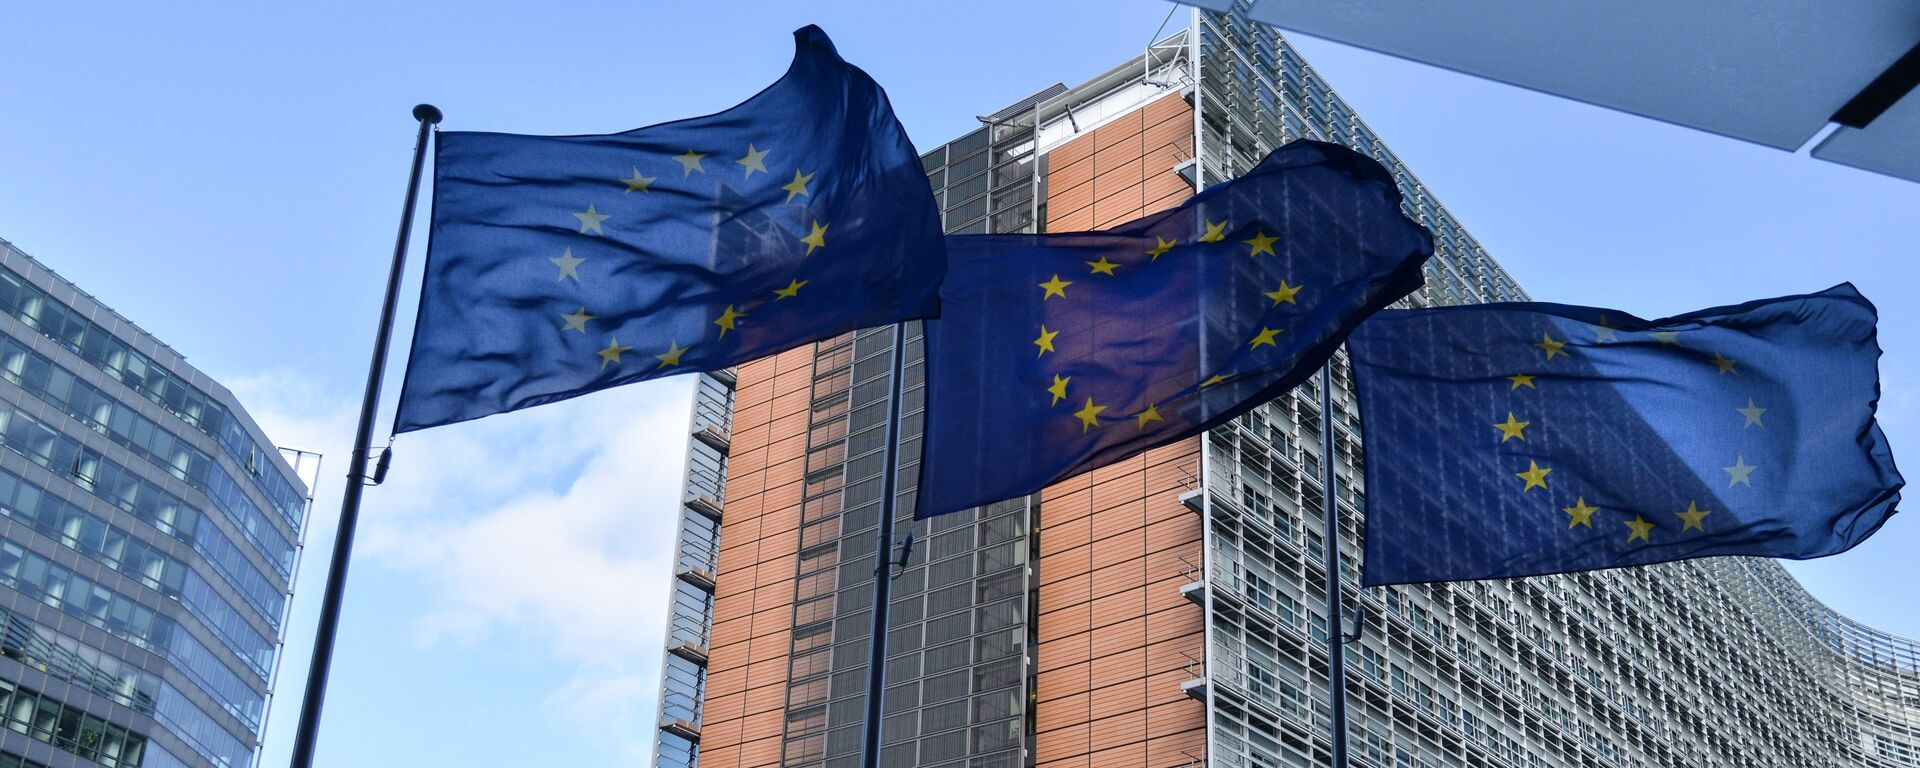 Zastave Evropske unije ispred zgrade Evropskog saveta u Briselu - Sputnik Srbija, 1920, 11.10.2021